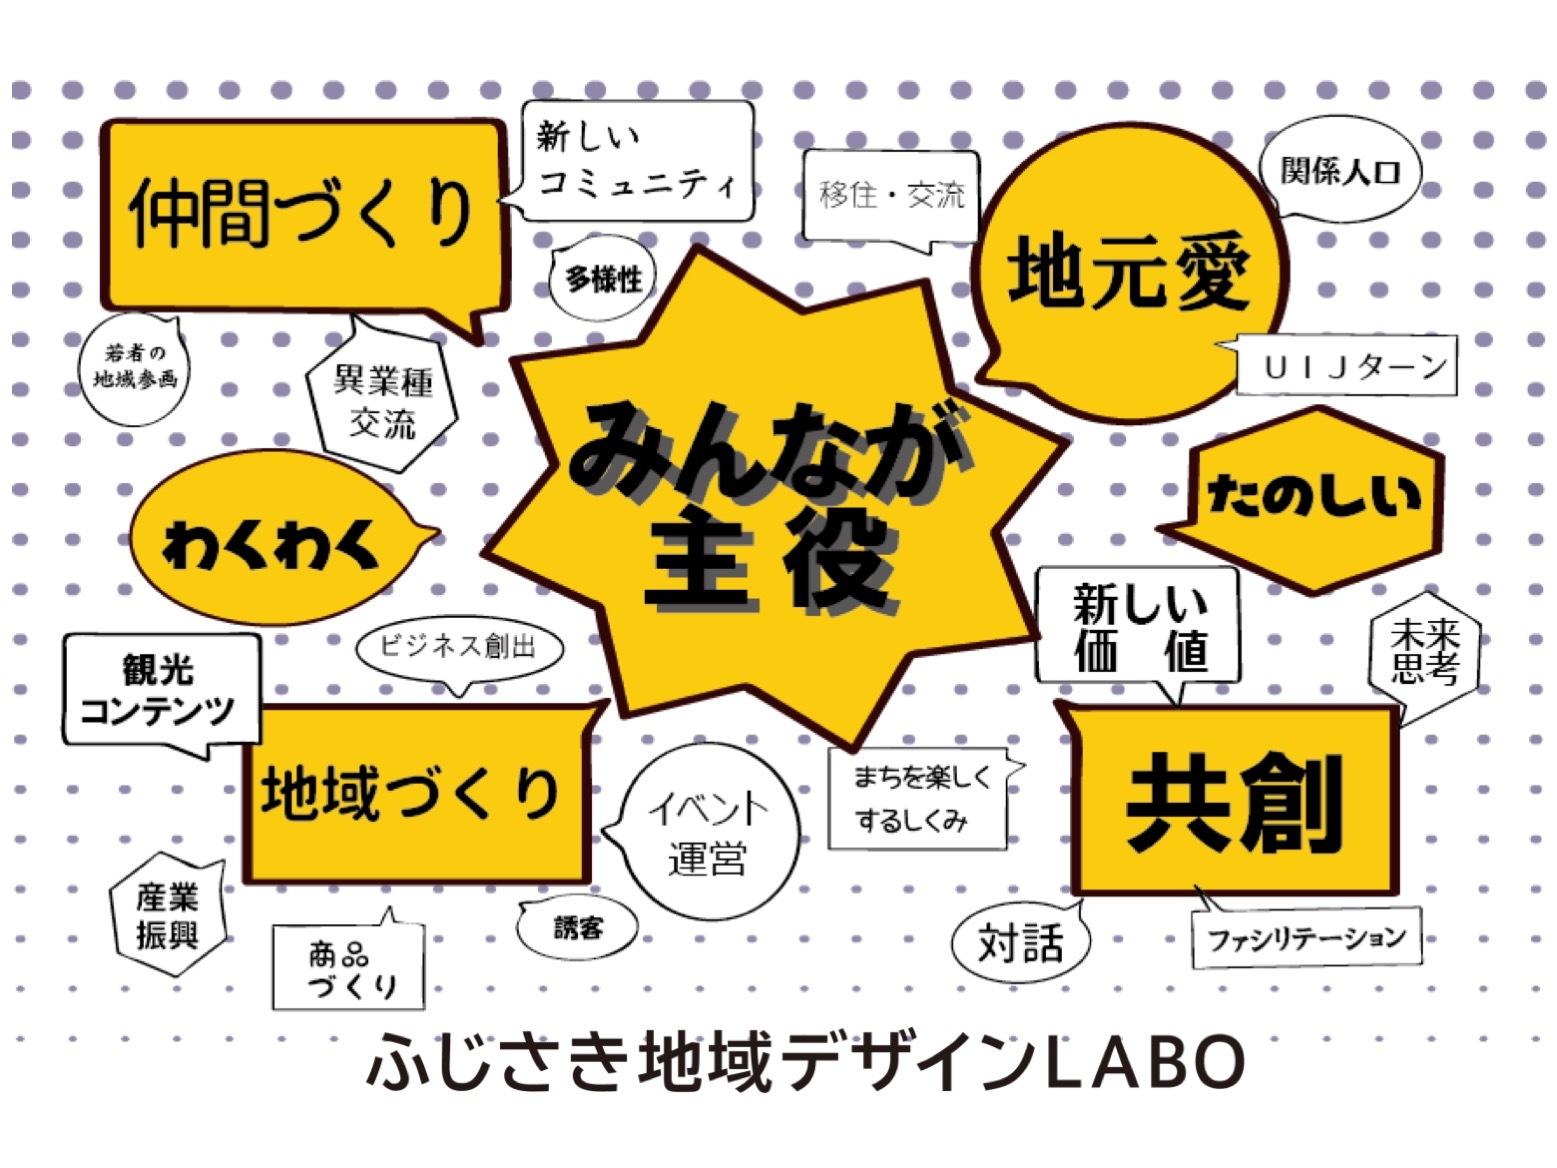 【藤崎町 未来志向の地域デザインプロジェクト 2019】オープニングセッションレポート